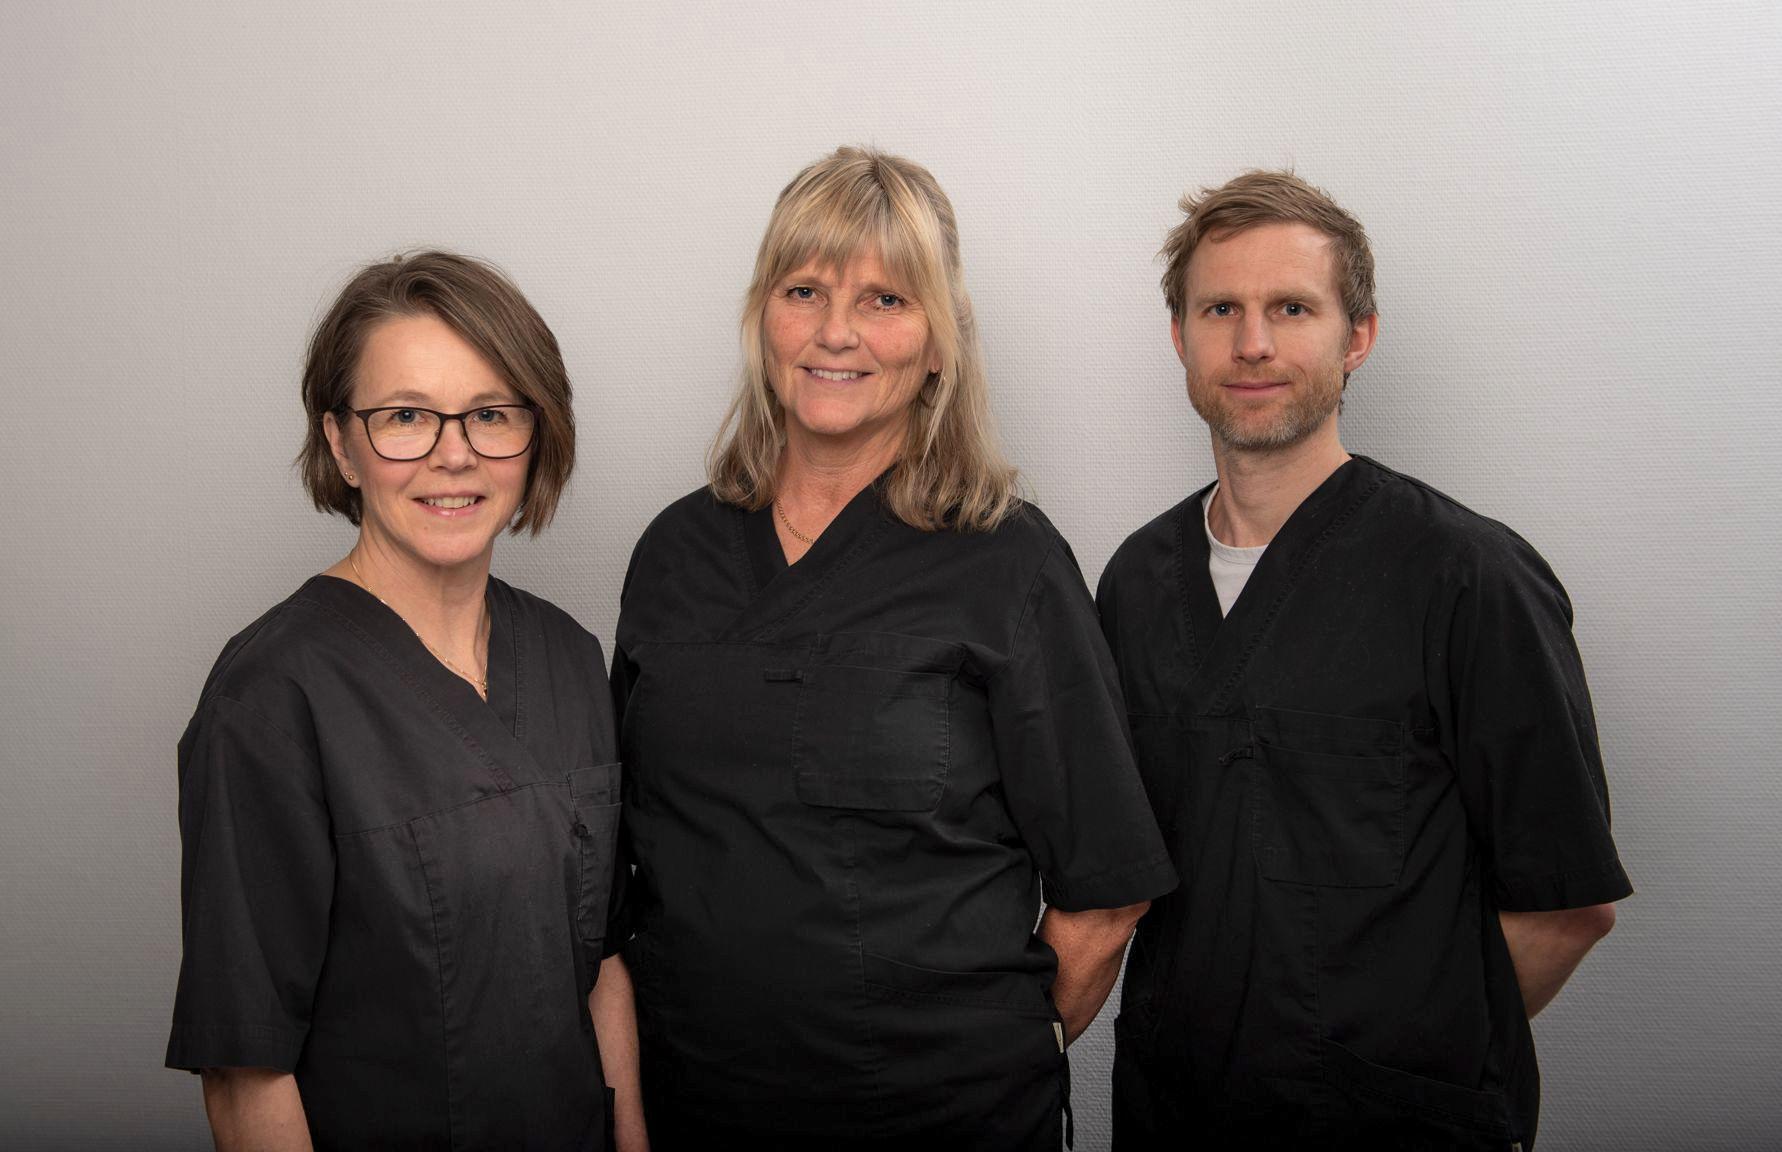 RehabCentralens medarbetare Åsa Birgitta och Jesper